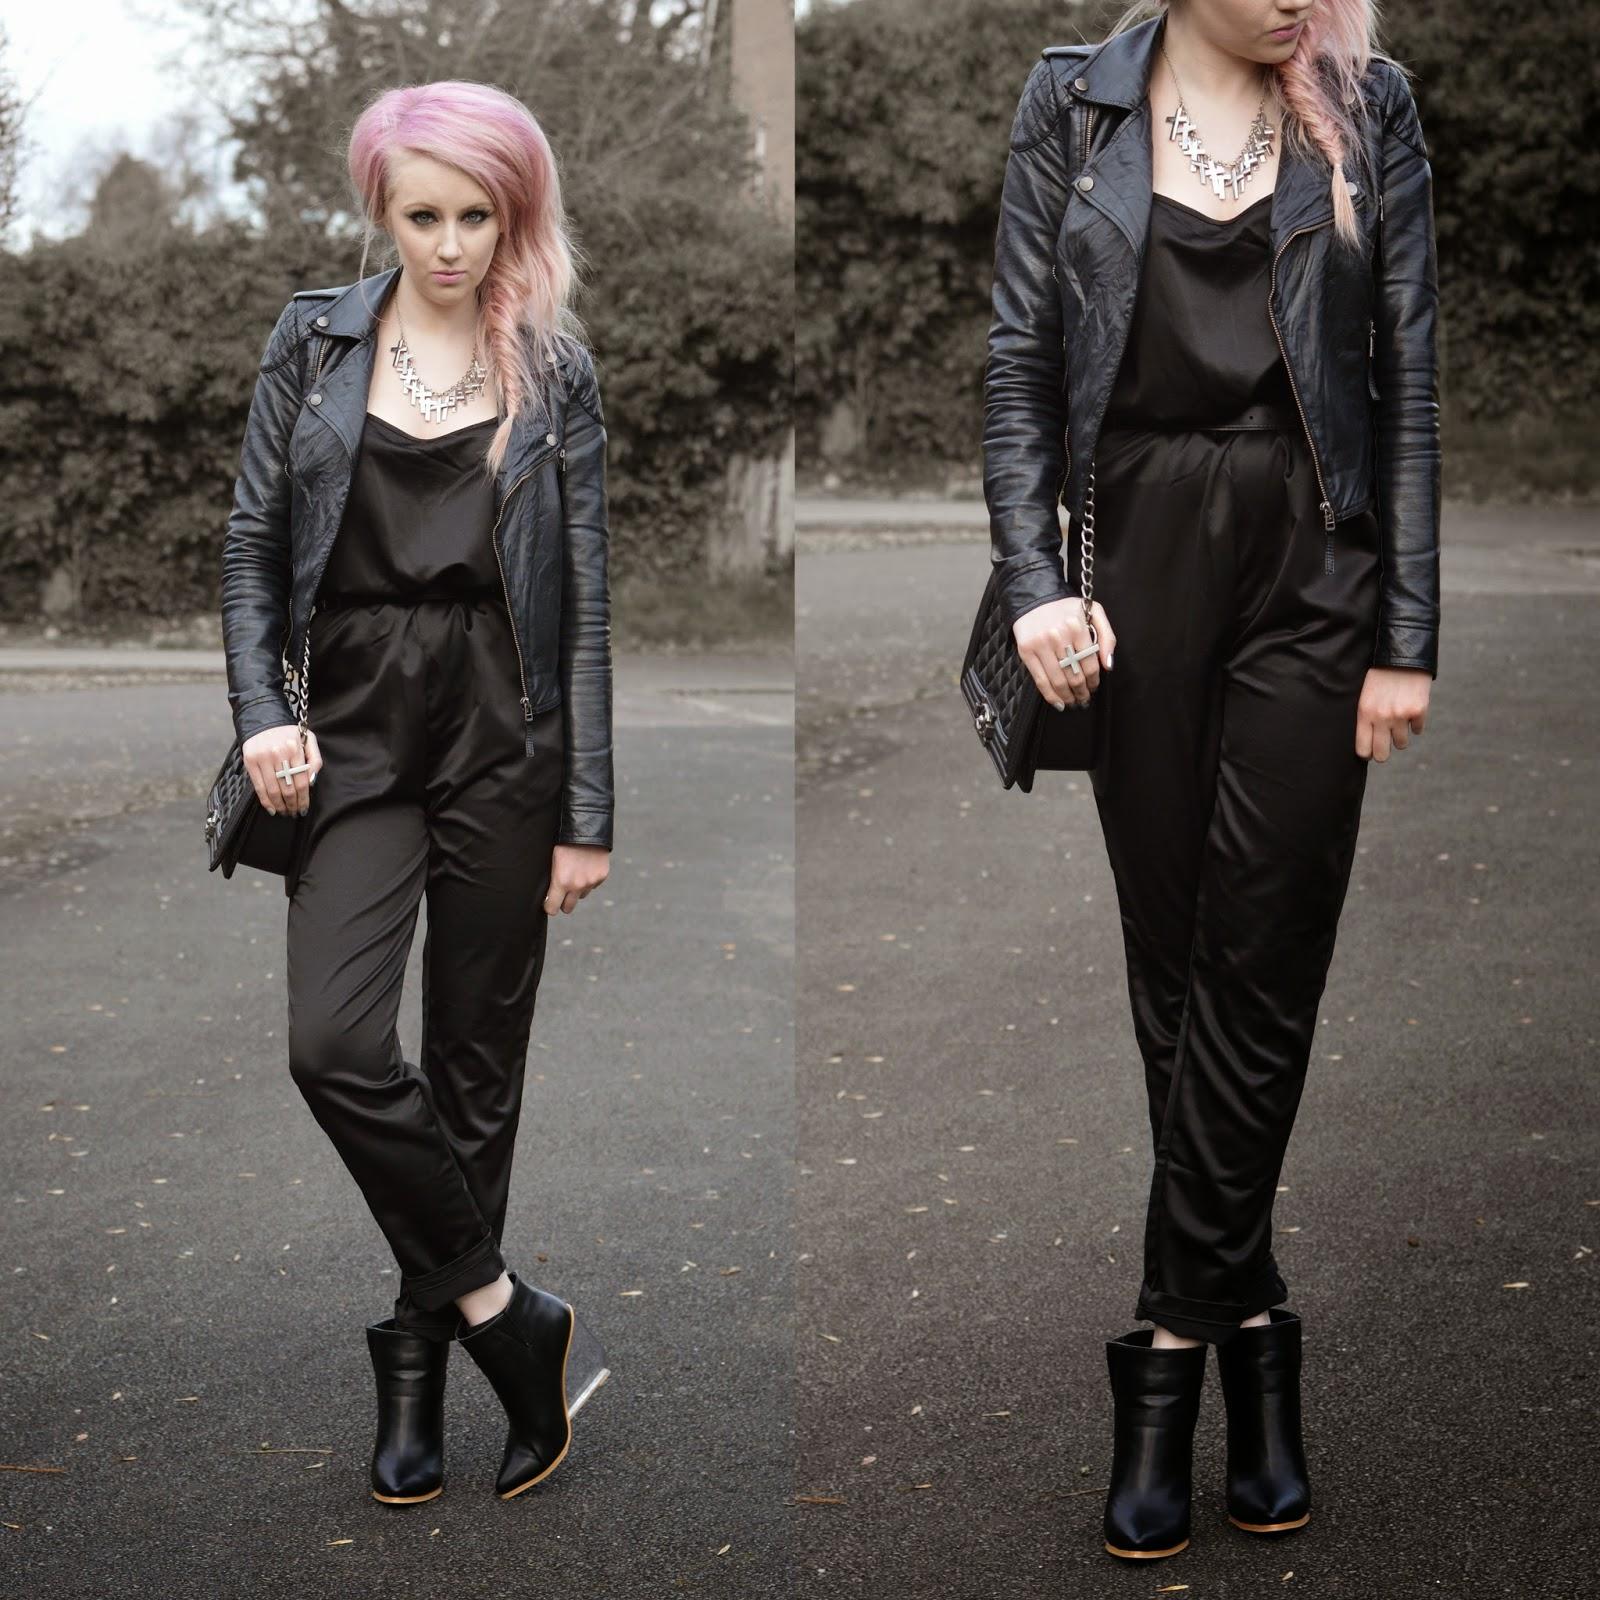 Sammi Jackson - Black Jumpsuit + Perspex Wedges